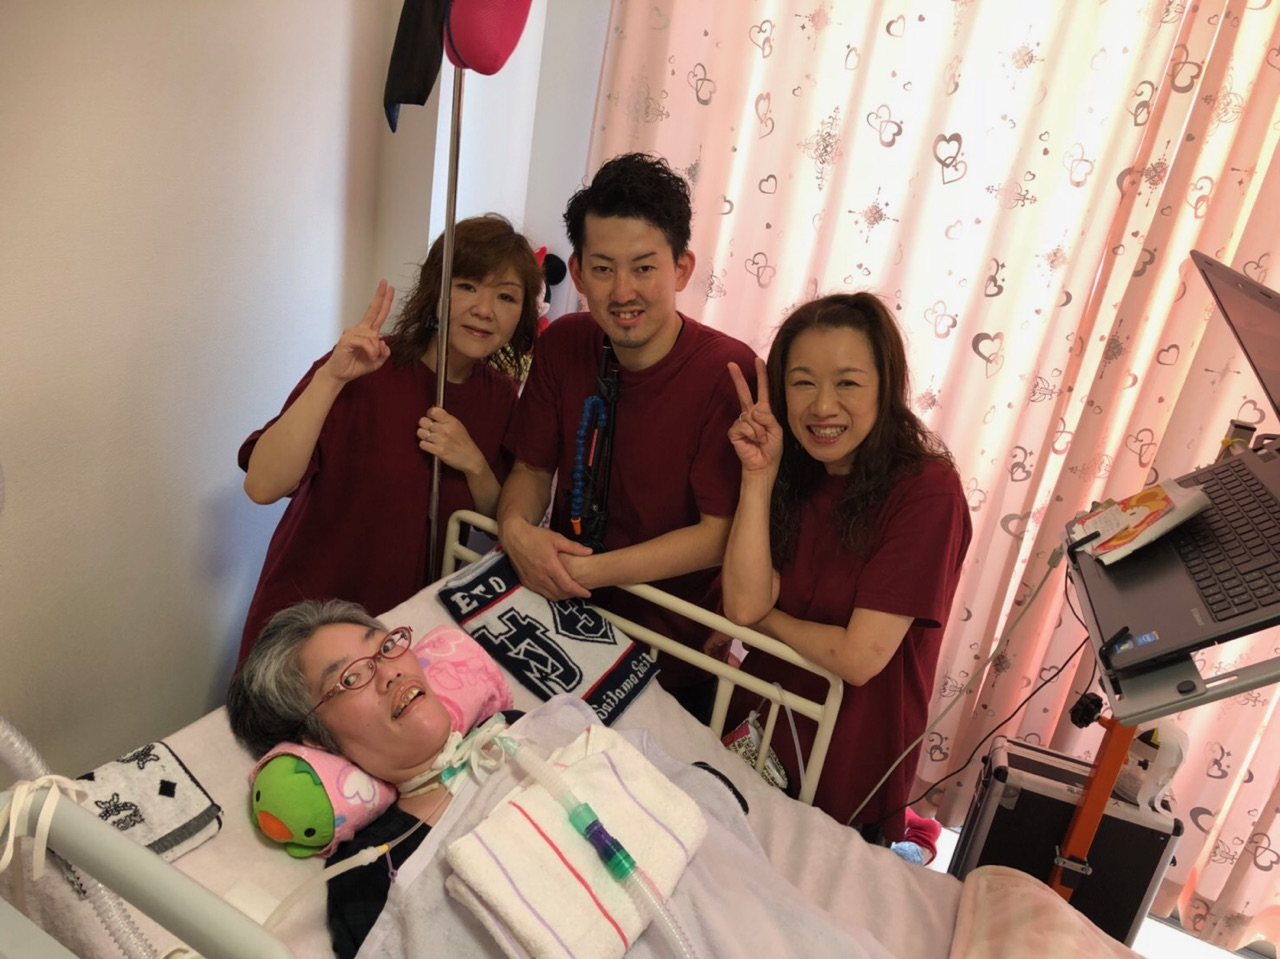 AILISは、基本一人の患者様に一人のヘルパーが側にいての介護を行います。